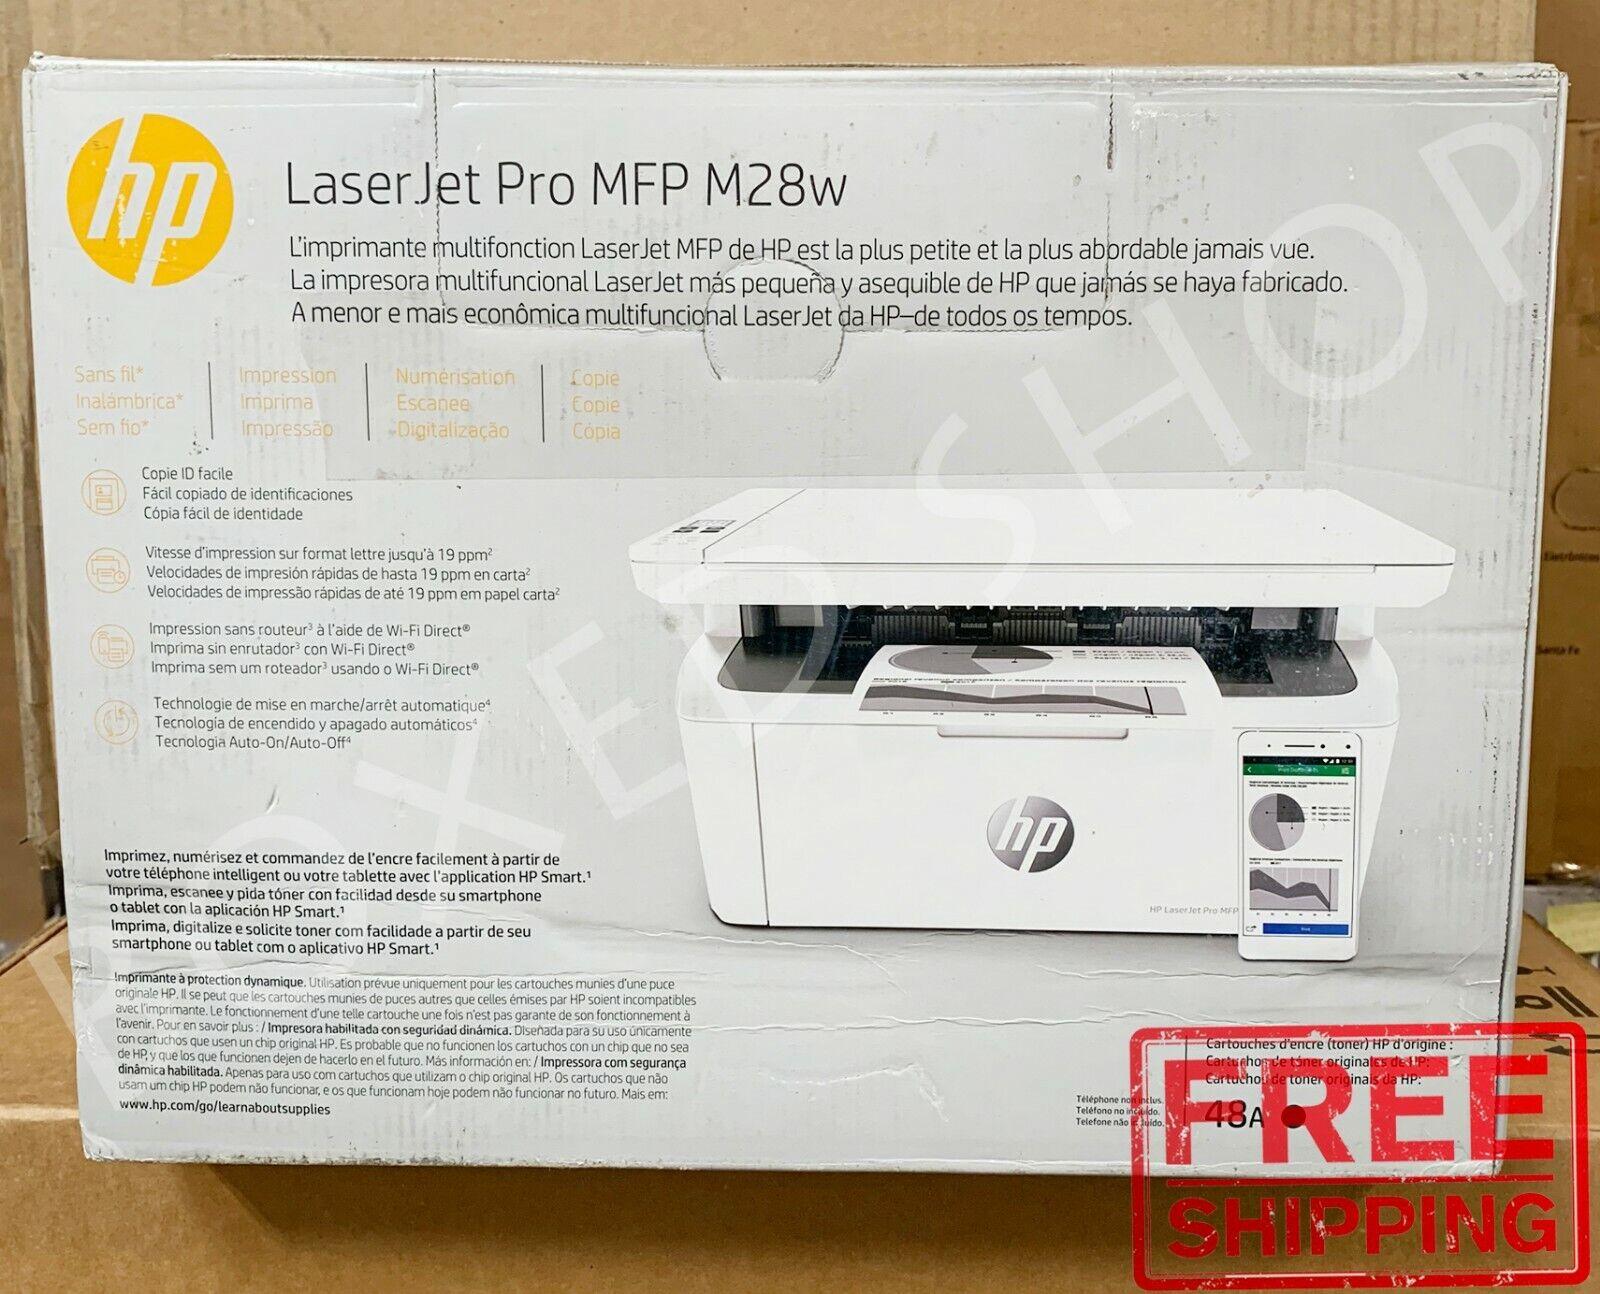 HP W2G55A LaserJet Pro MFP M28w 32MB Printer - White